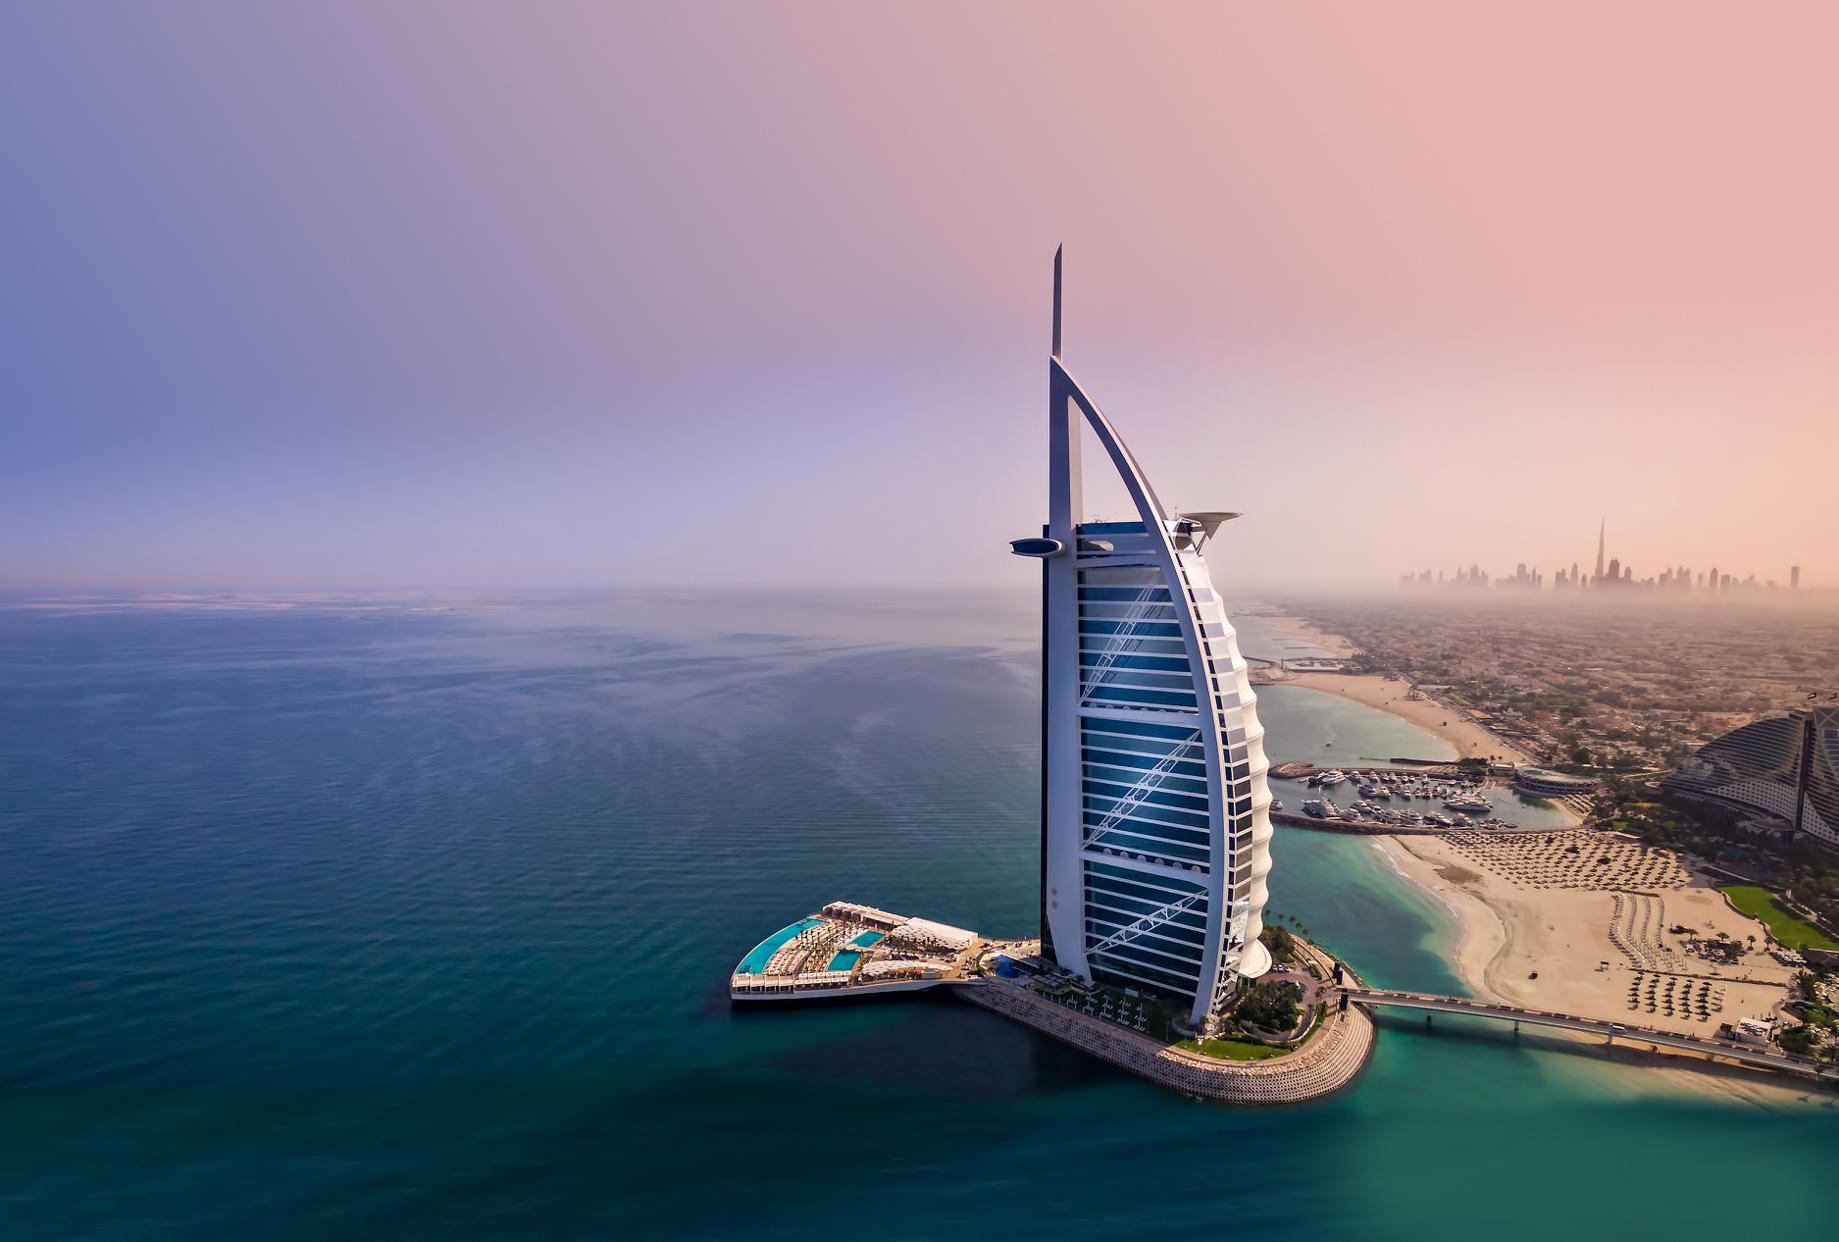 Burj Al Arab Luxury Hotel – Jumeirah St, Dubai, UAE